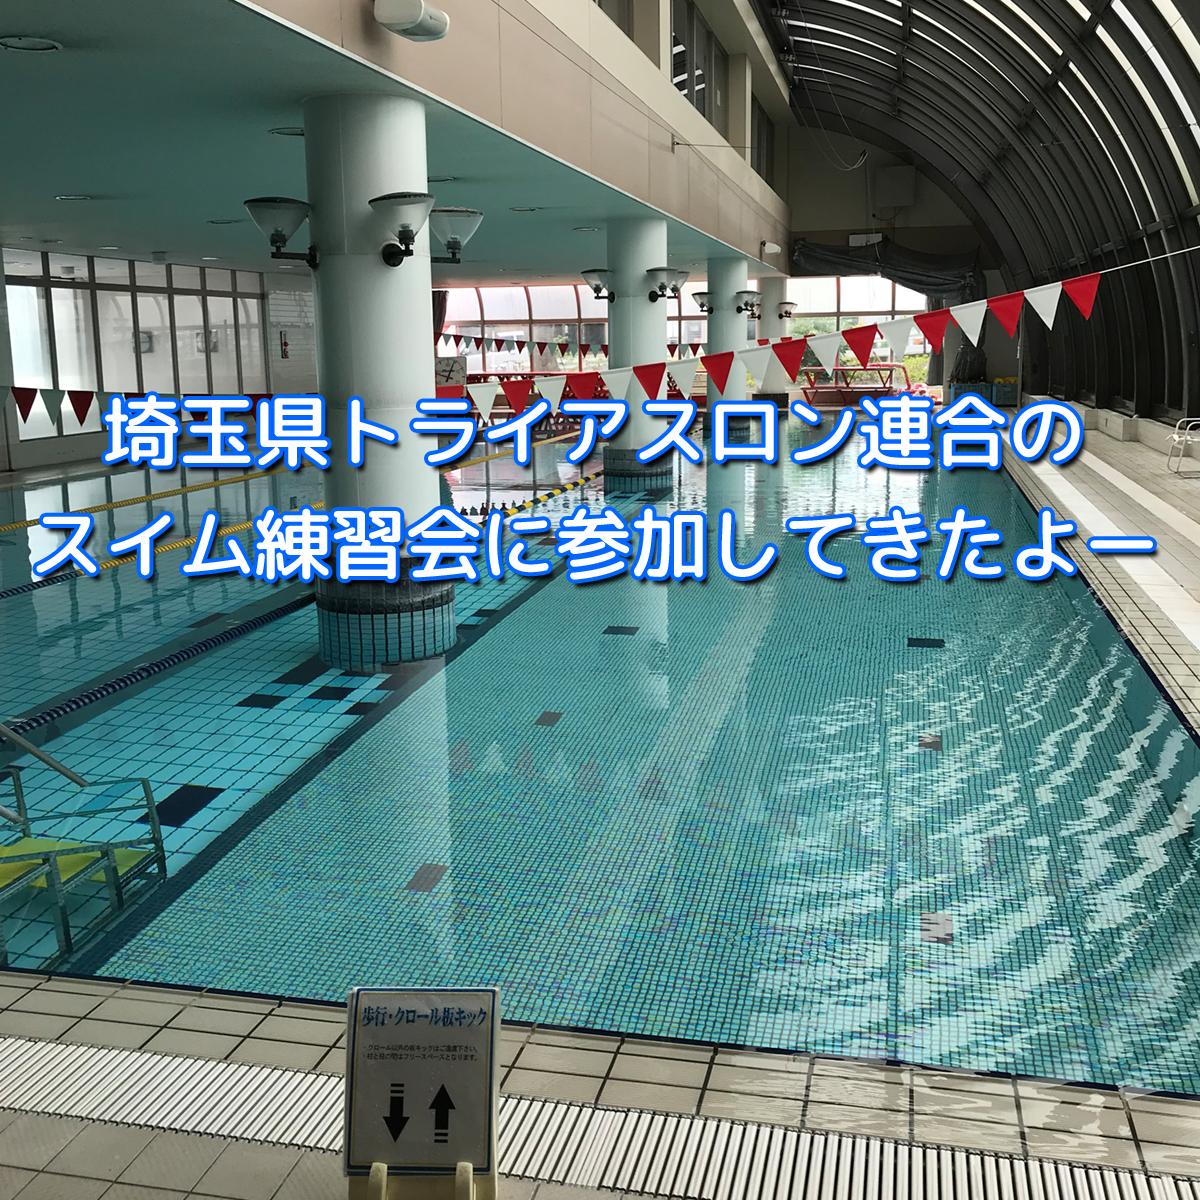 埼玉県トライアスロン連合のスイム練習会に参加してきましたー。